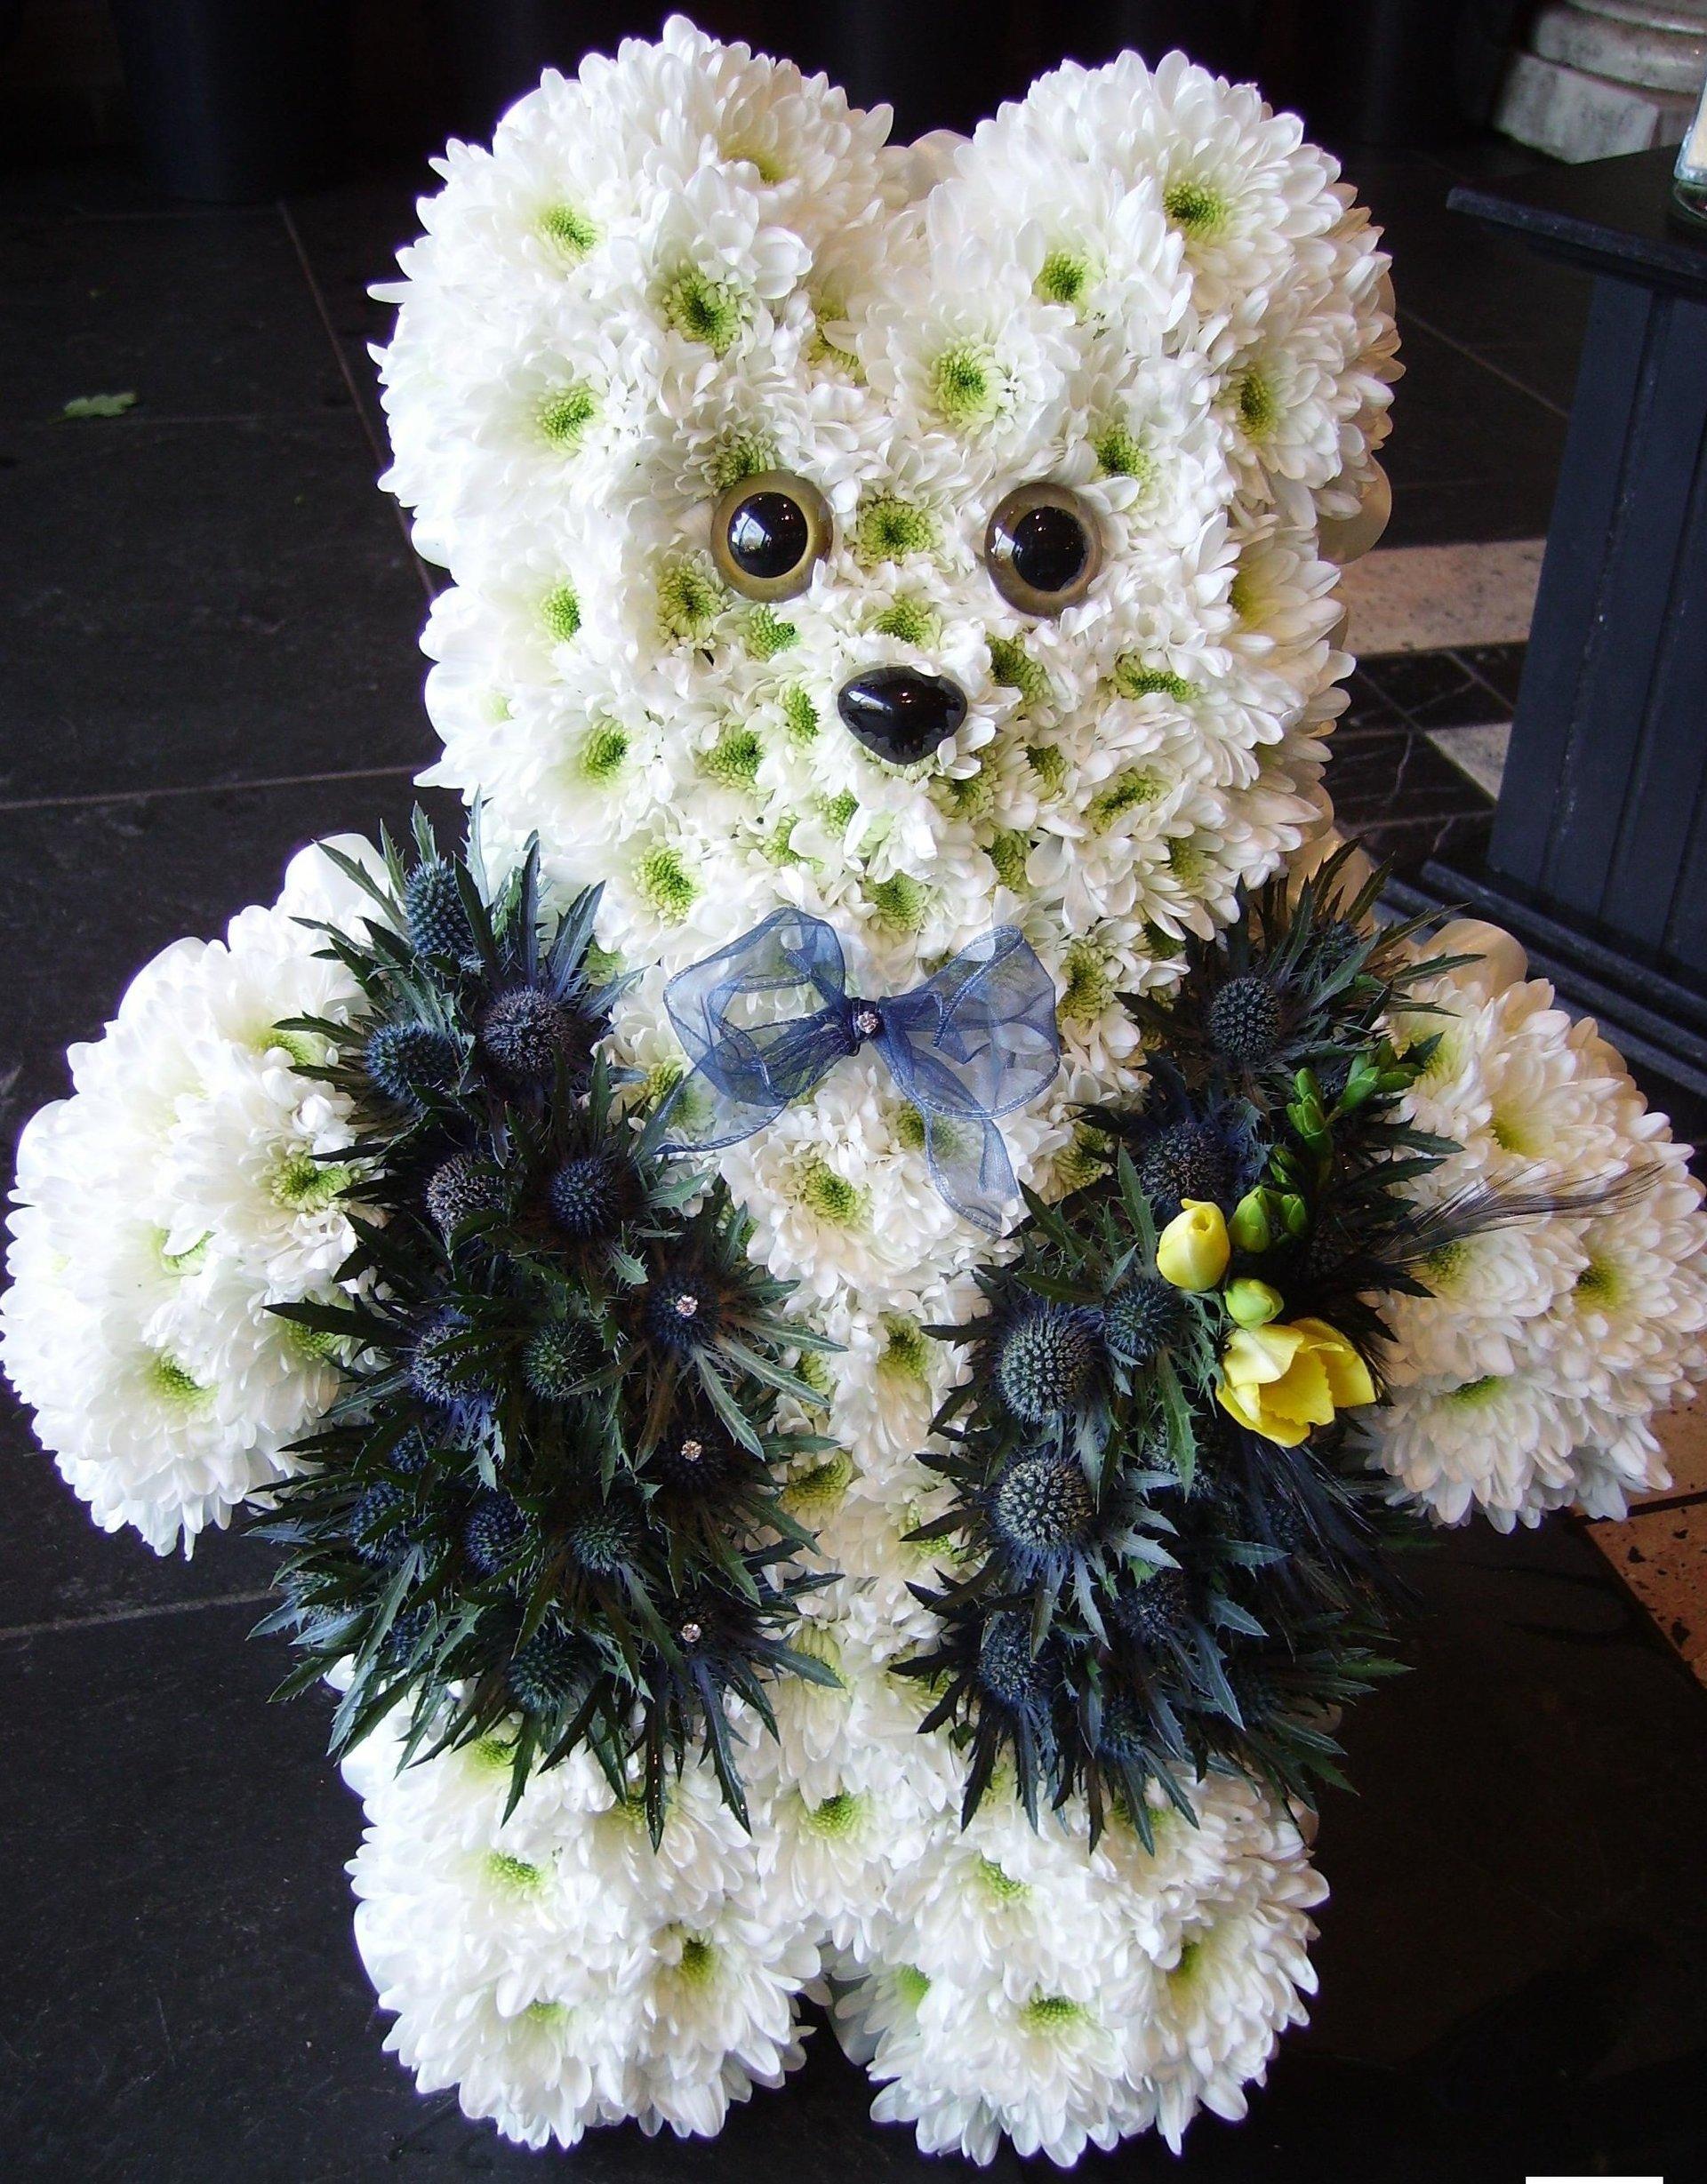 flowers in teady bear shape